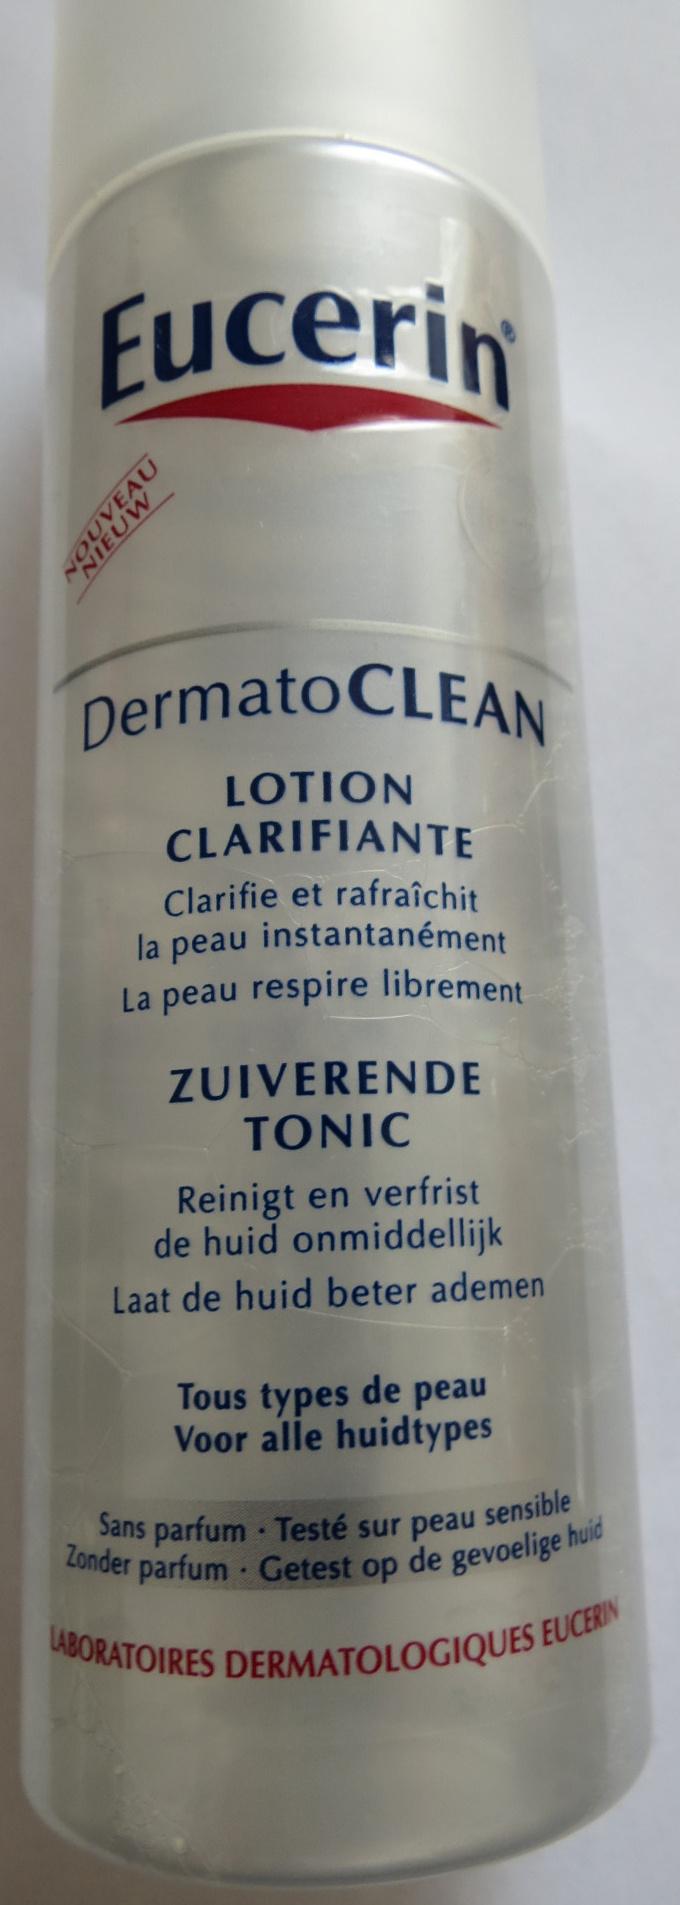 Dermato clean lotion clarifiante - Produit